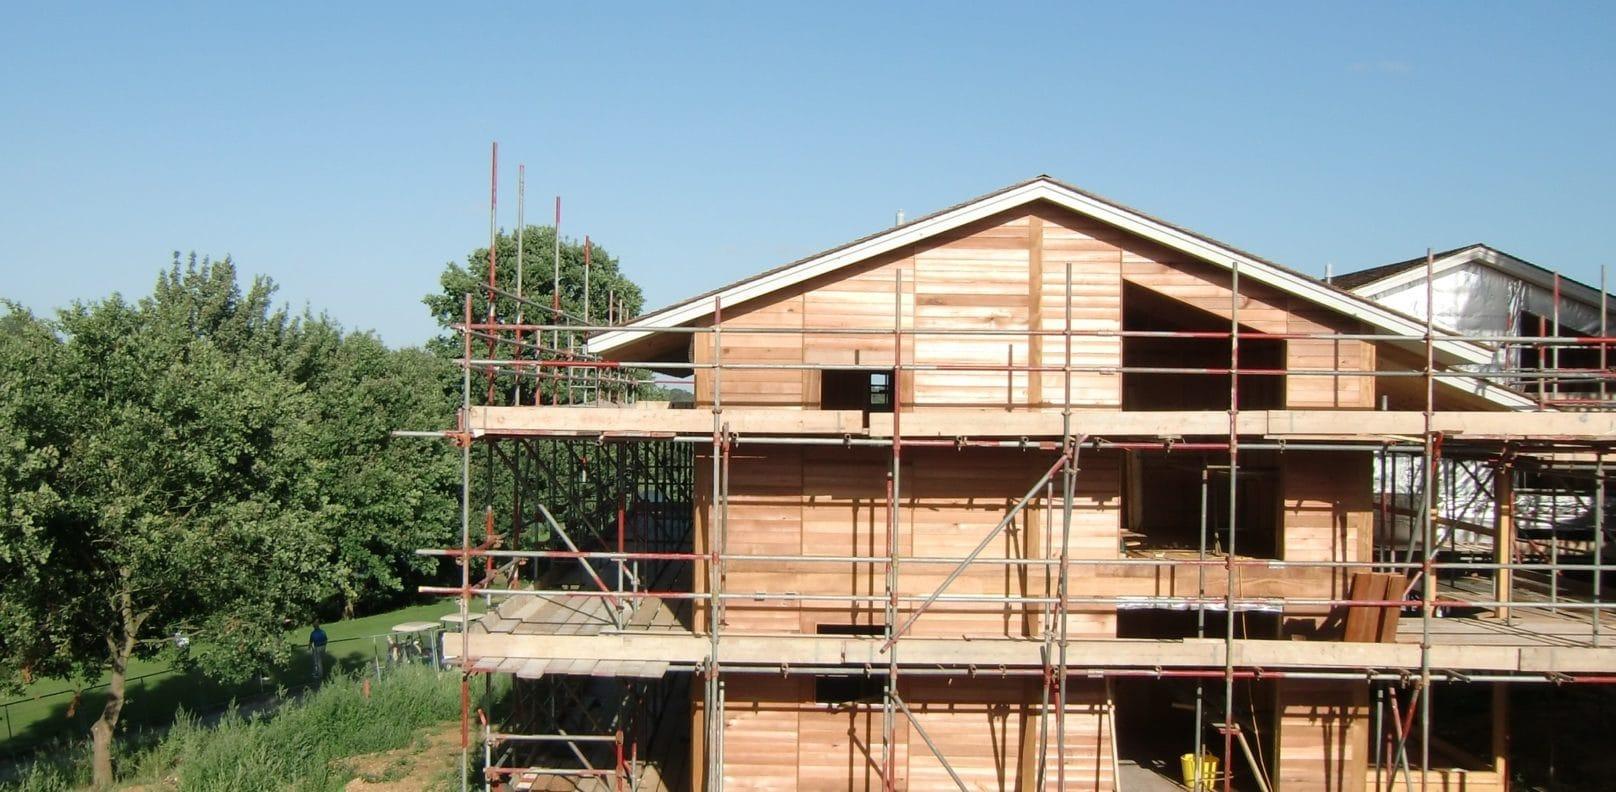 Building Lodges